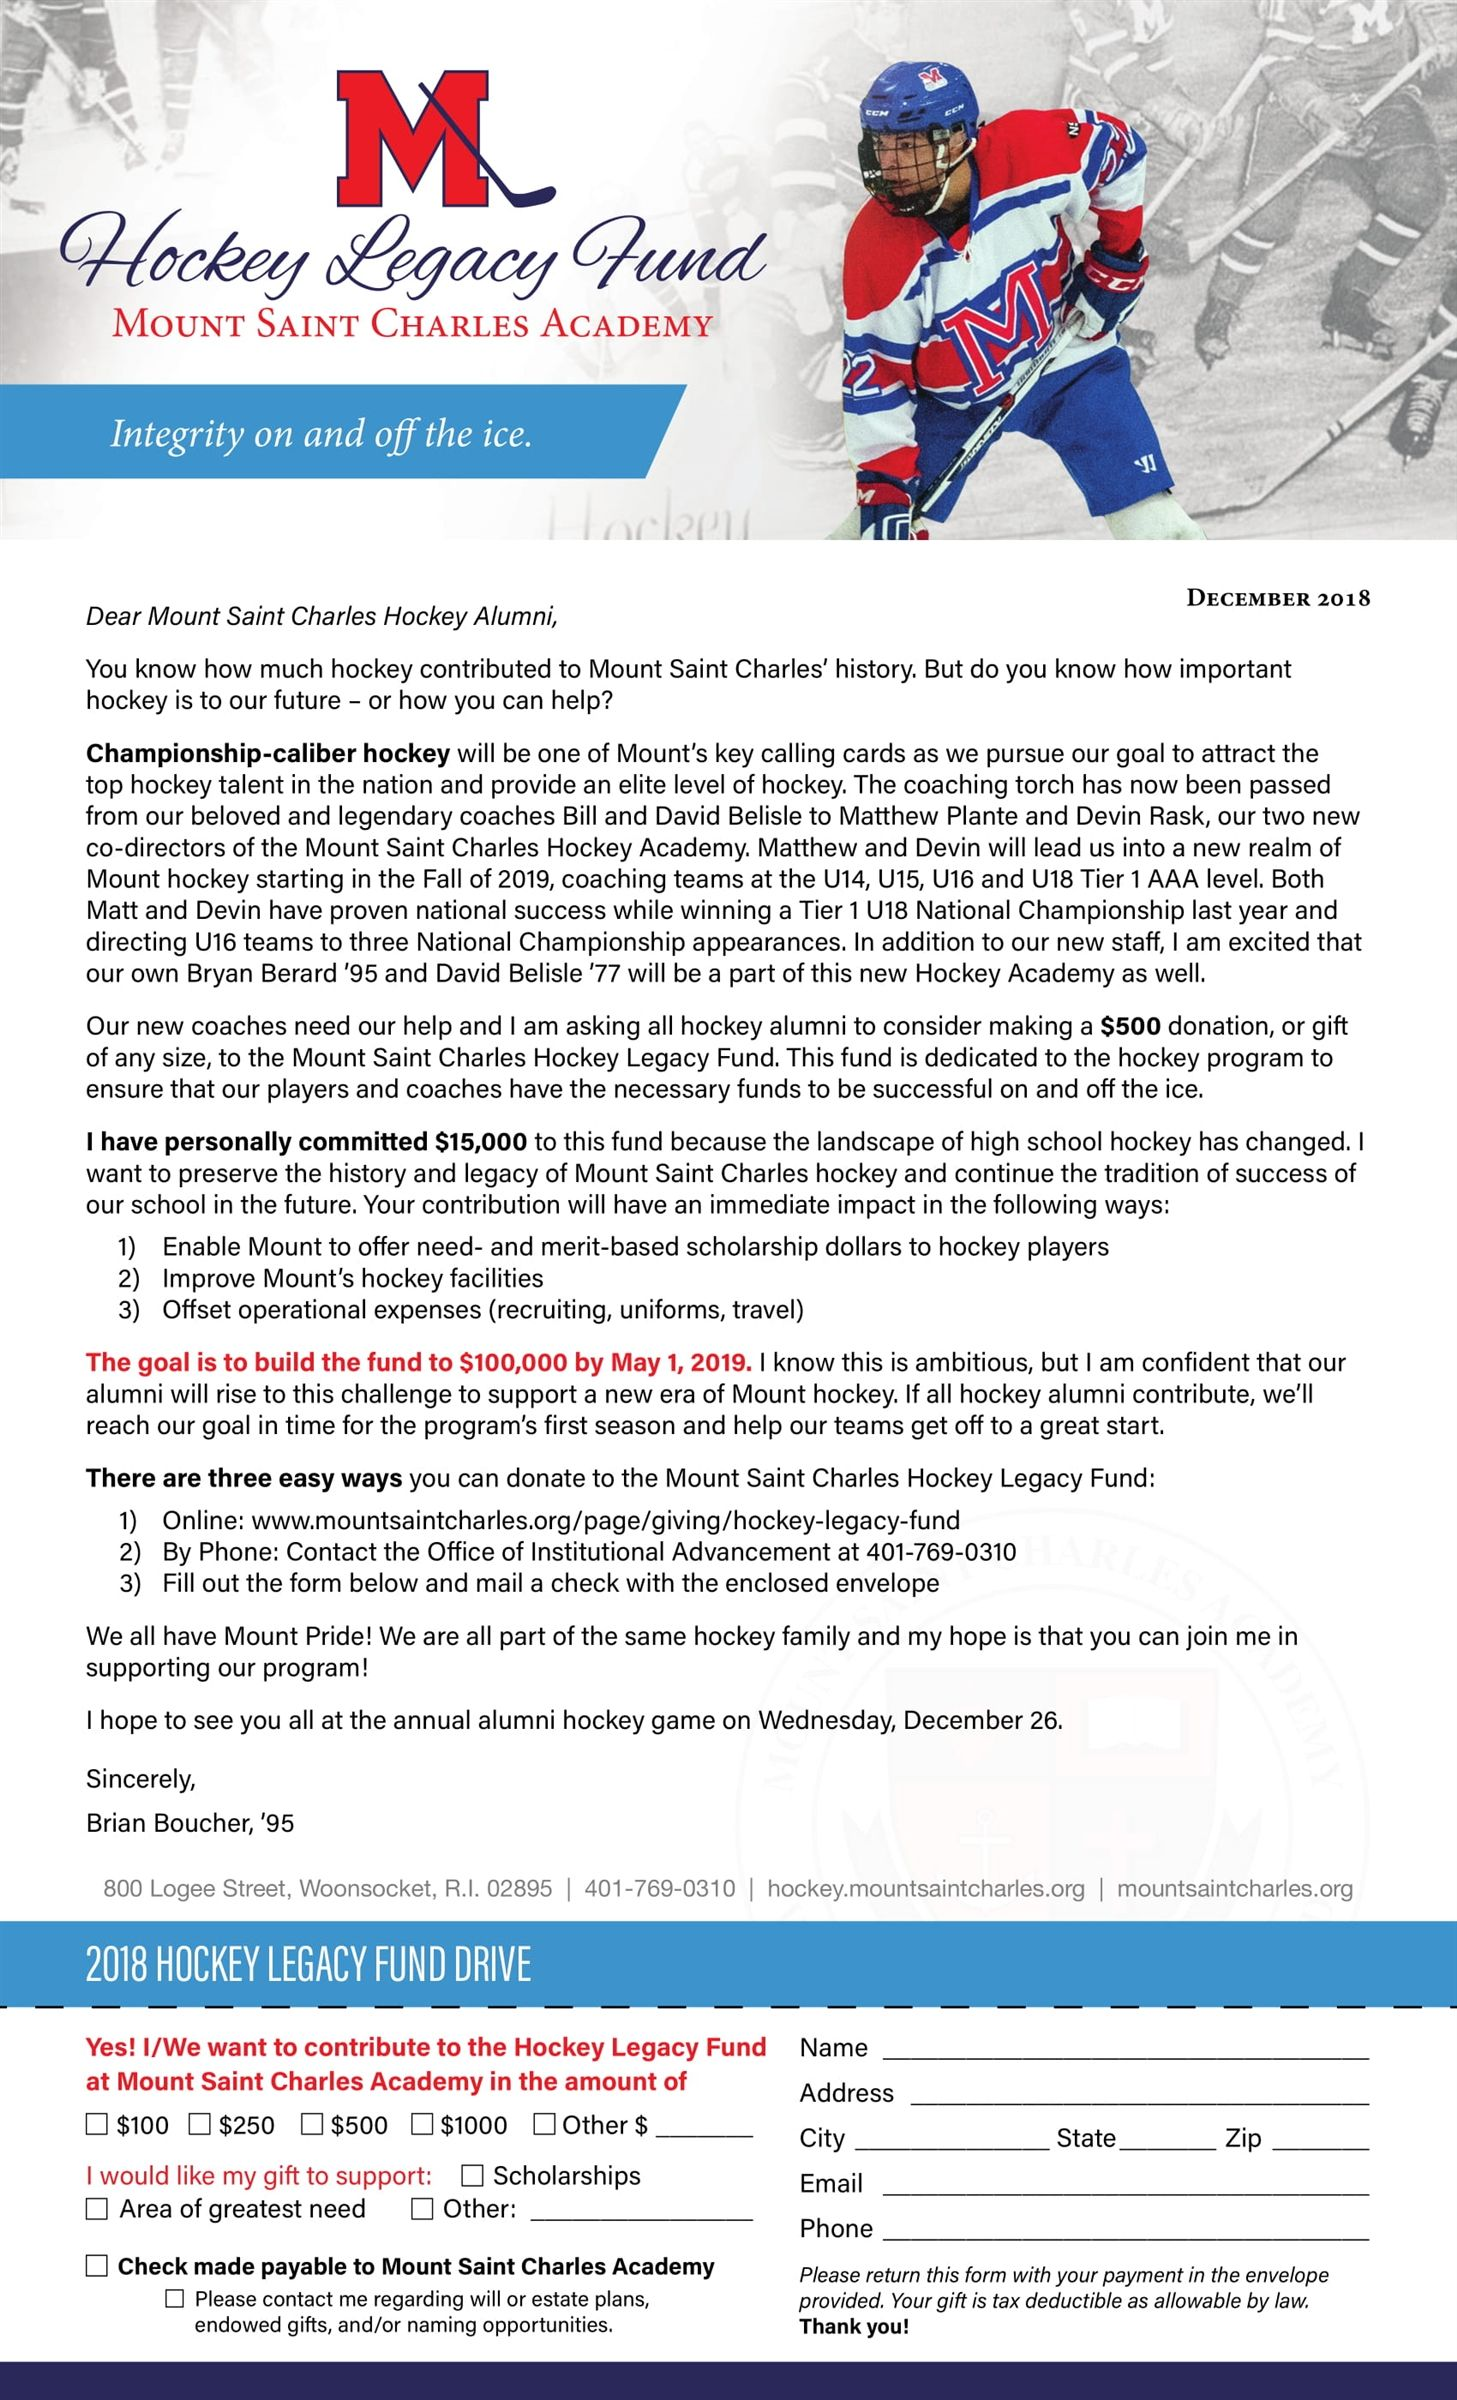 MSC HockeyFund AppealLetter 2018 V5 1